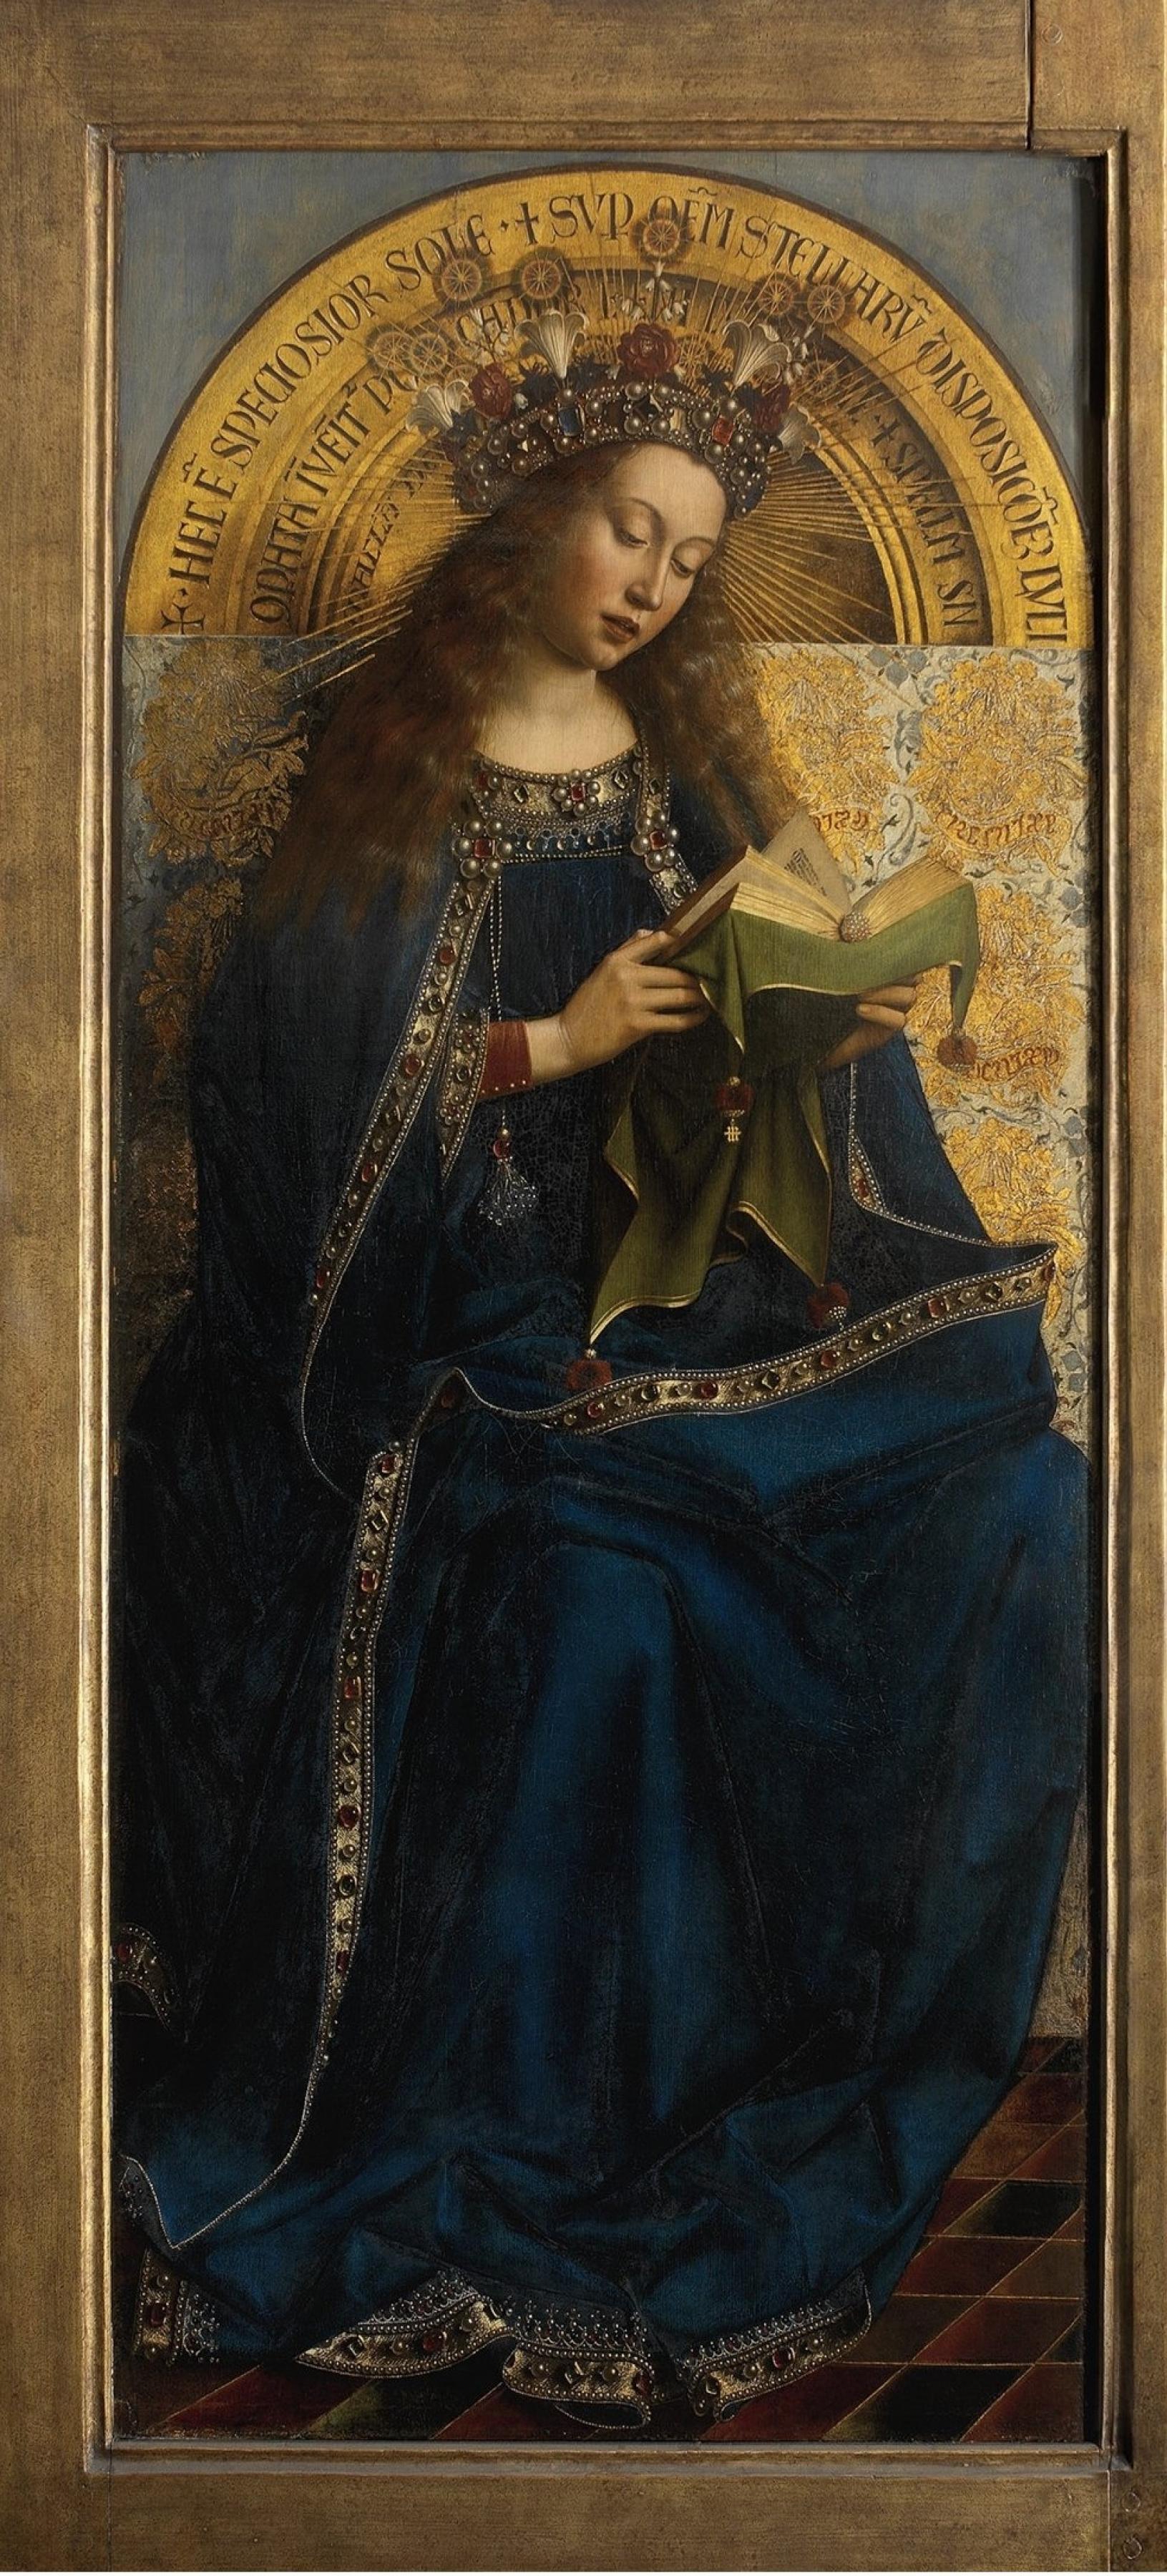 Ян ван Эйк. Гентский алтарь. Богоматерь (фрагмент)